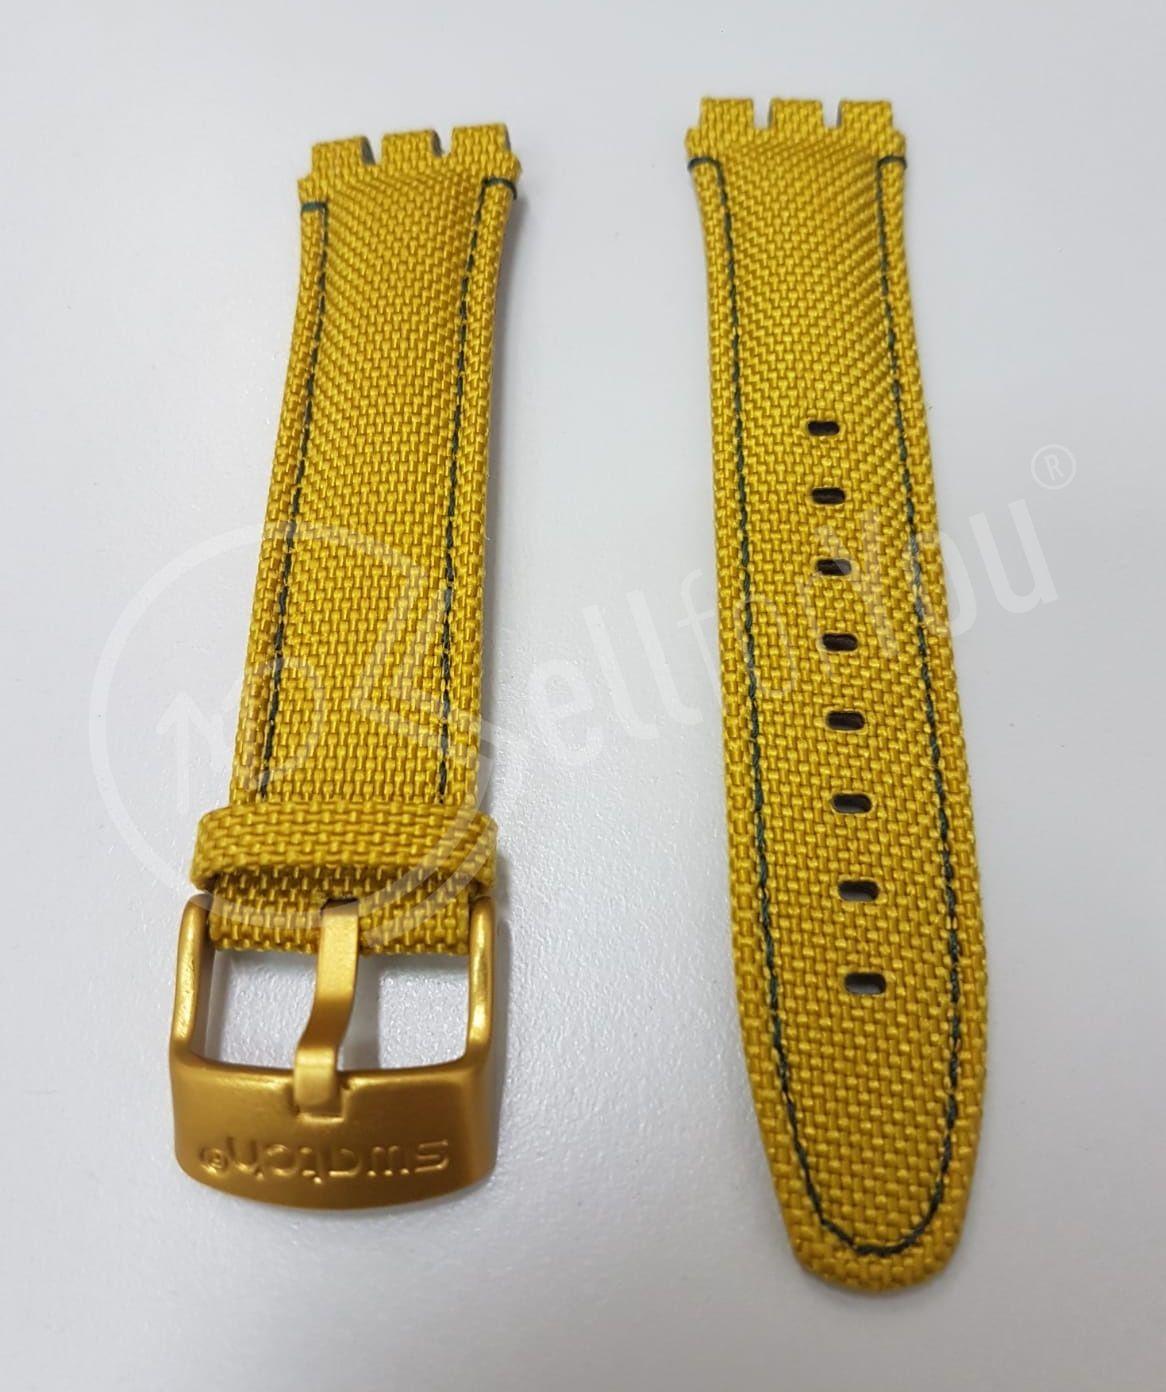 sellforyou immagine articolo Cinturino orologio Swatch ASVCK4069 Mustardy